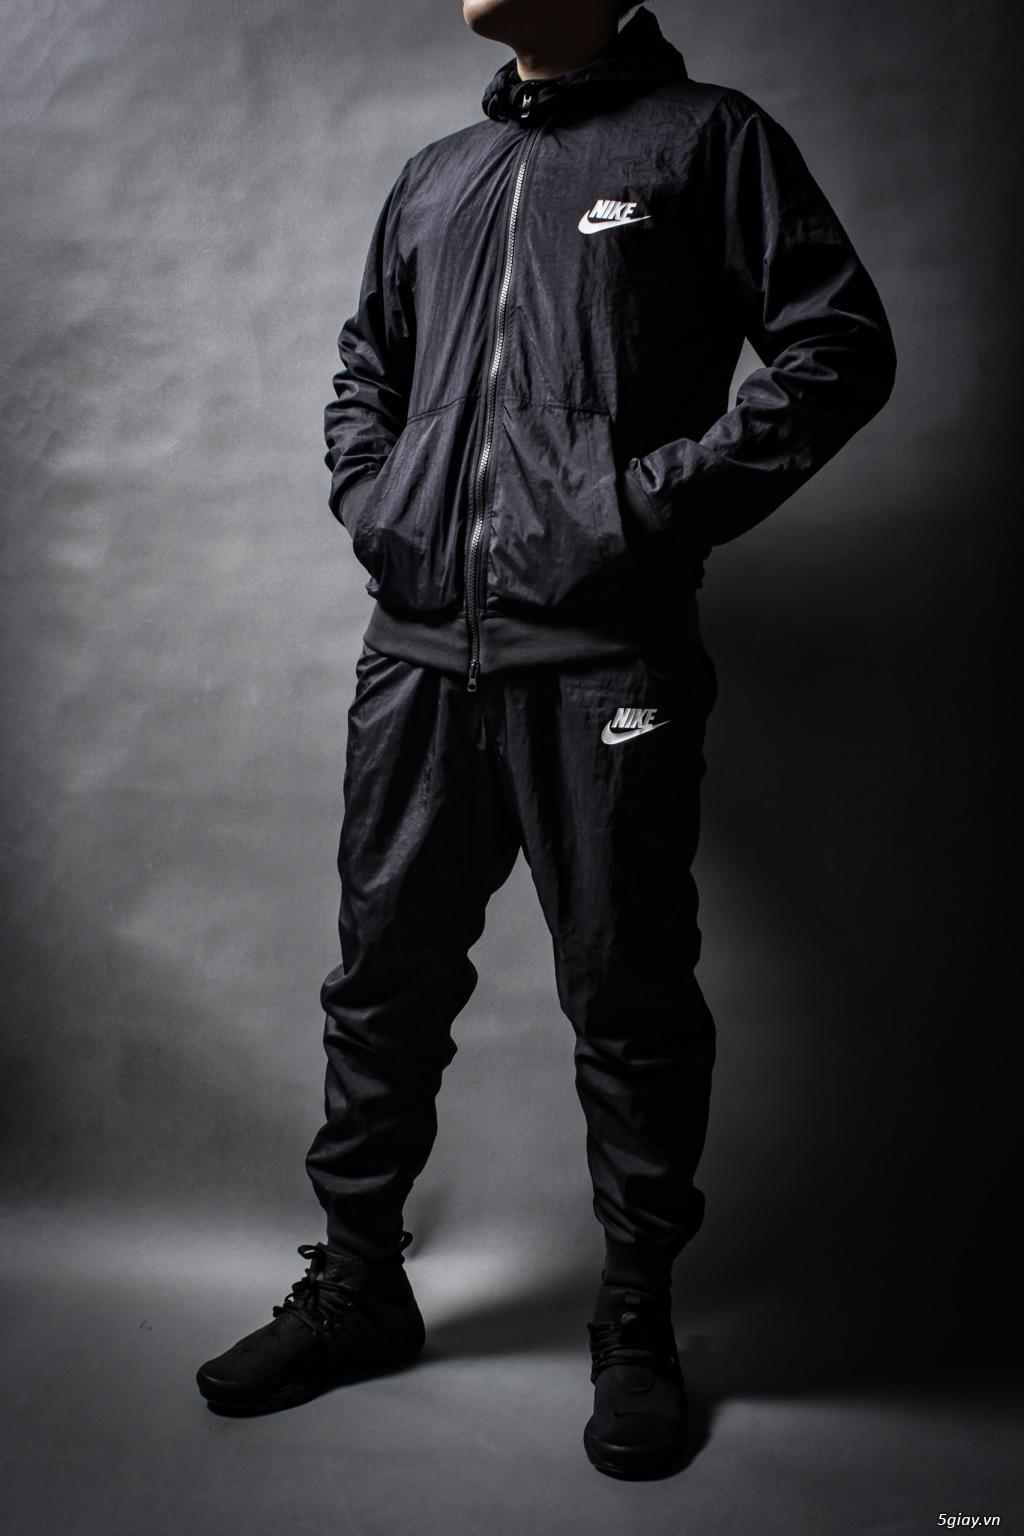 [Trùm Áo Khoác]-Chuyên kinh doanh Sỉ & Lẻ áo khoác NIKE, Adidas, Zara, Uniqlo ... chính hãng giá tốt - 7